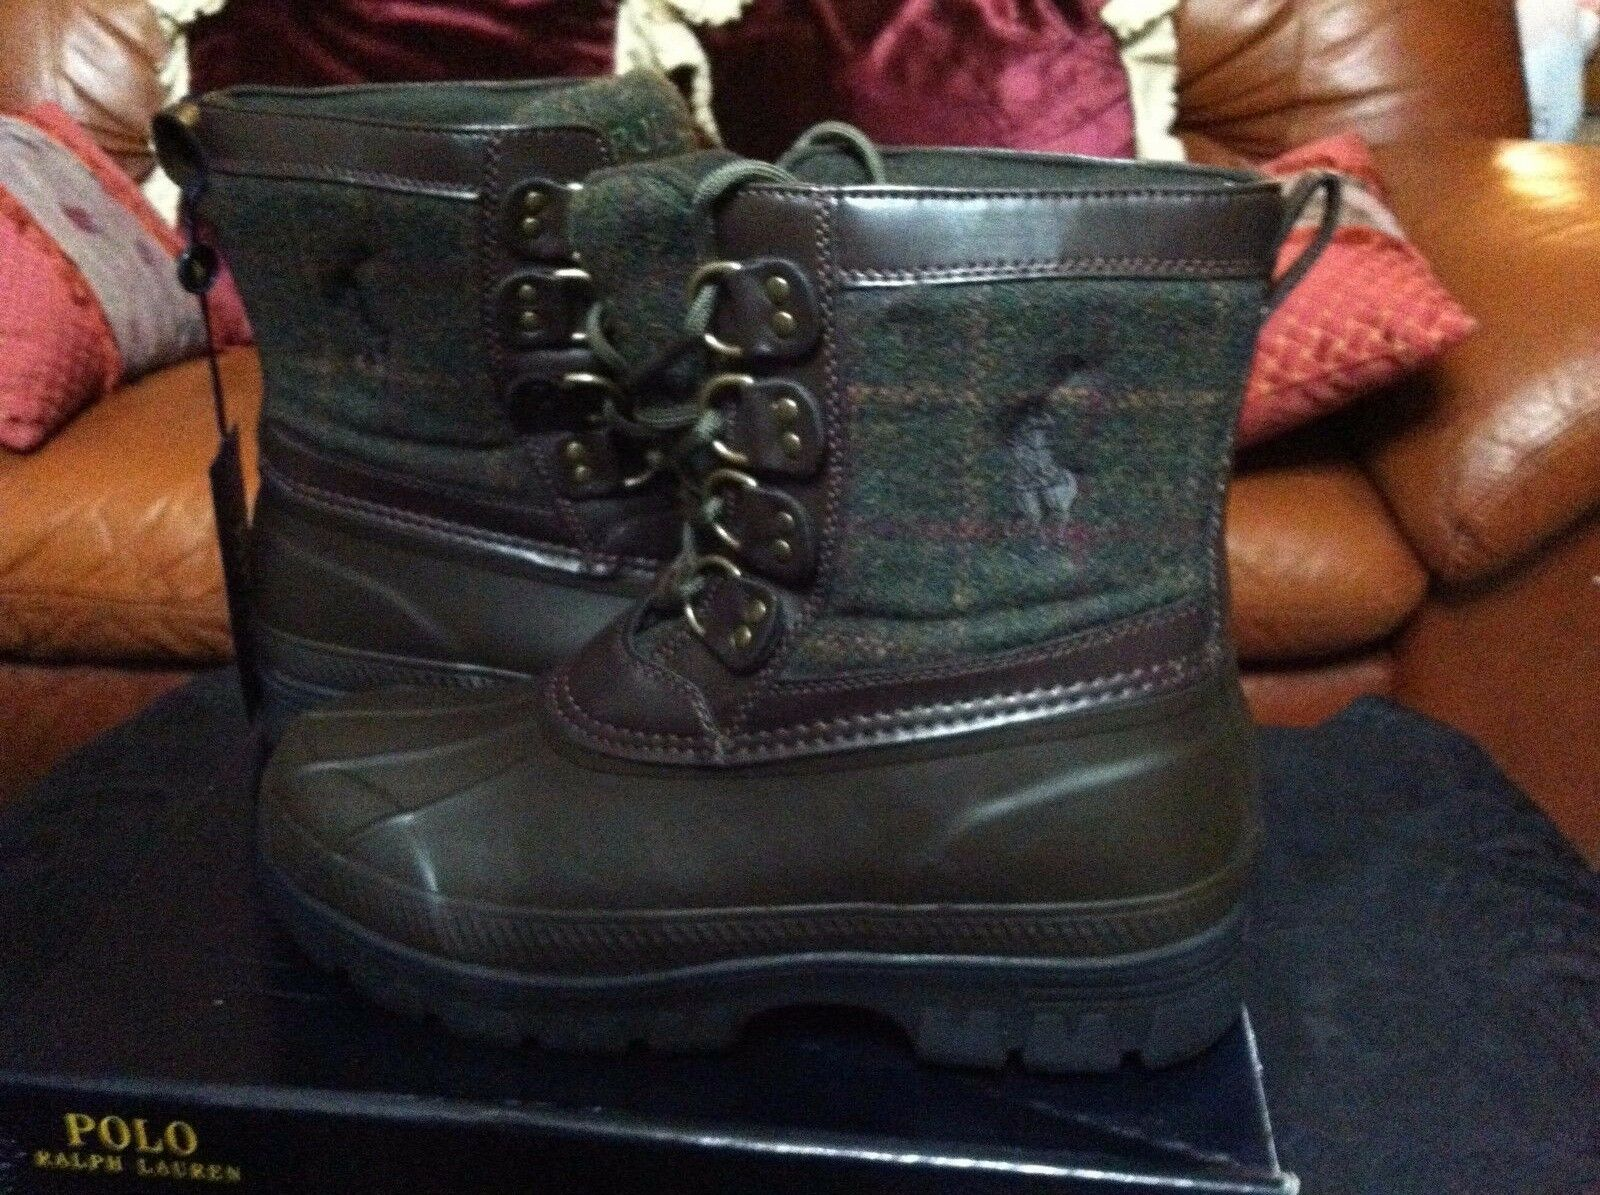 Polo Ralph Lauren Hombre Nuevo Marrón Textil   Goma botas Talla 7